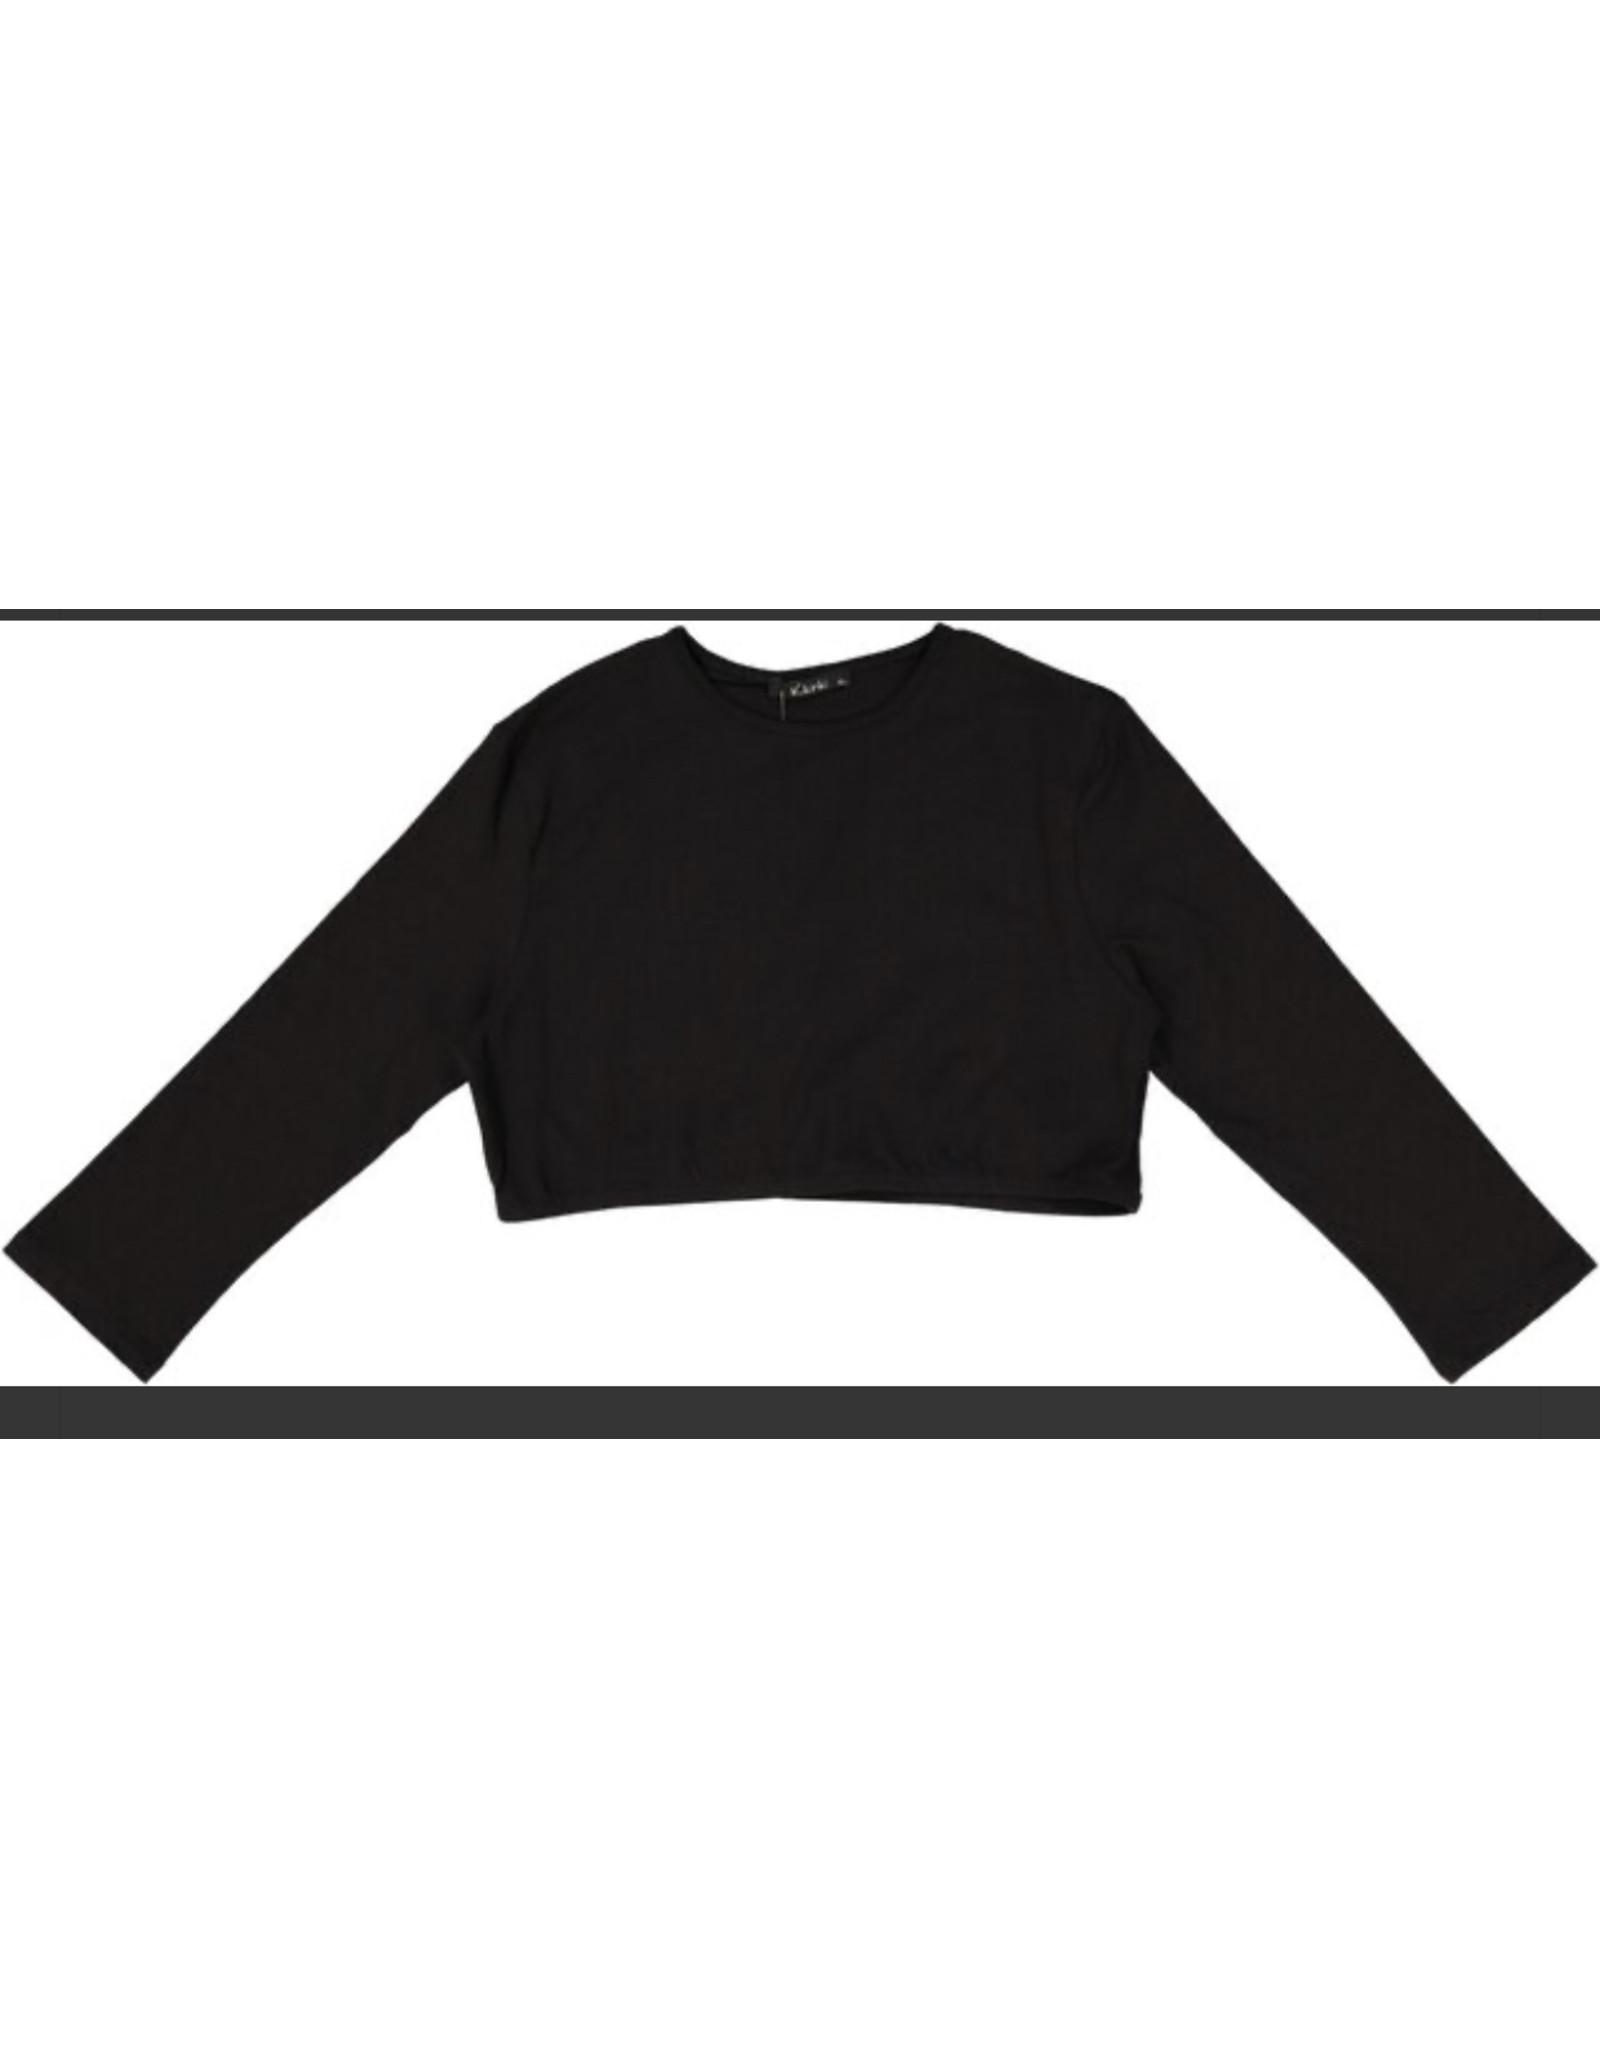 Kiki Riki Kiki Riki Women's Crop 3/4 Length Sleeve Shell 14916